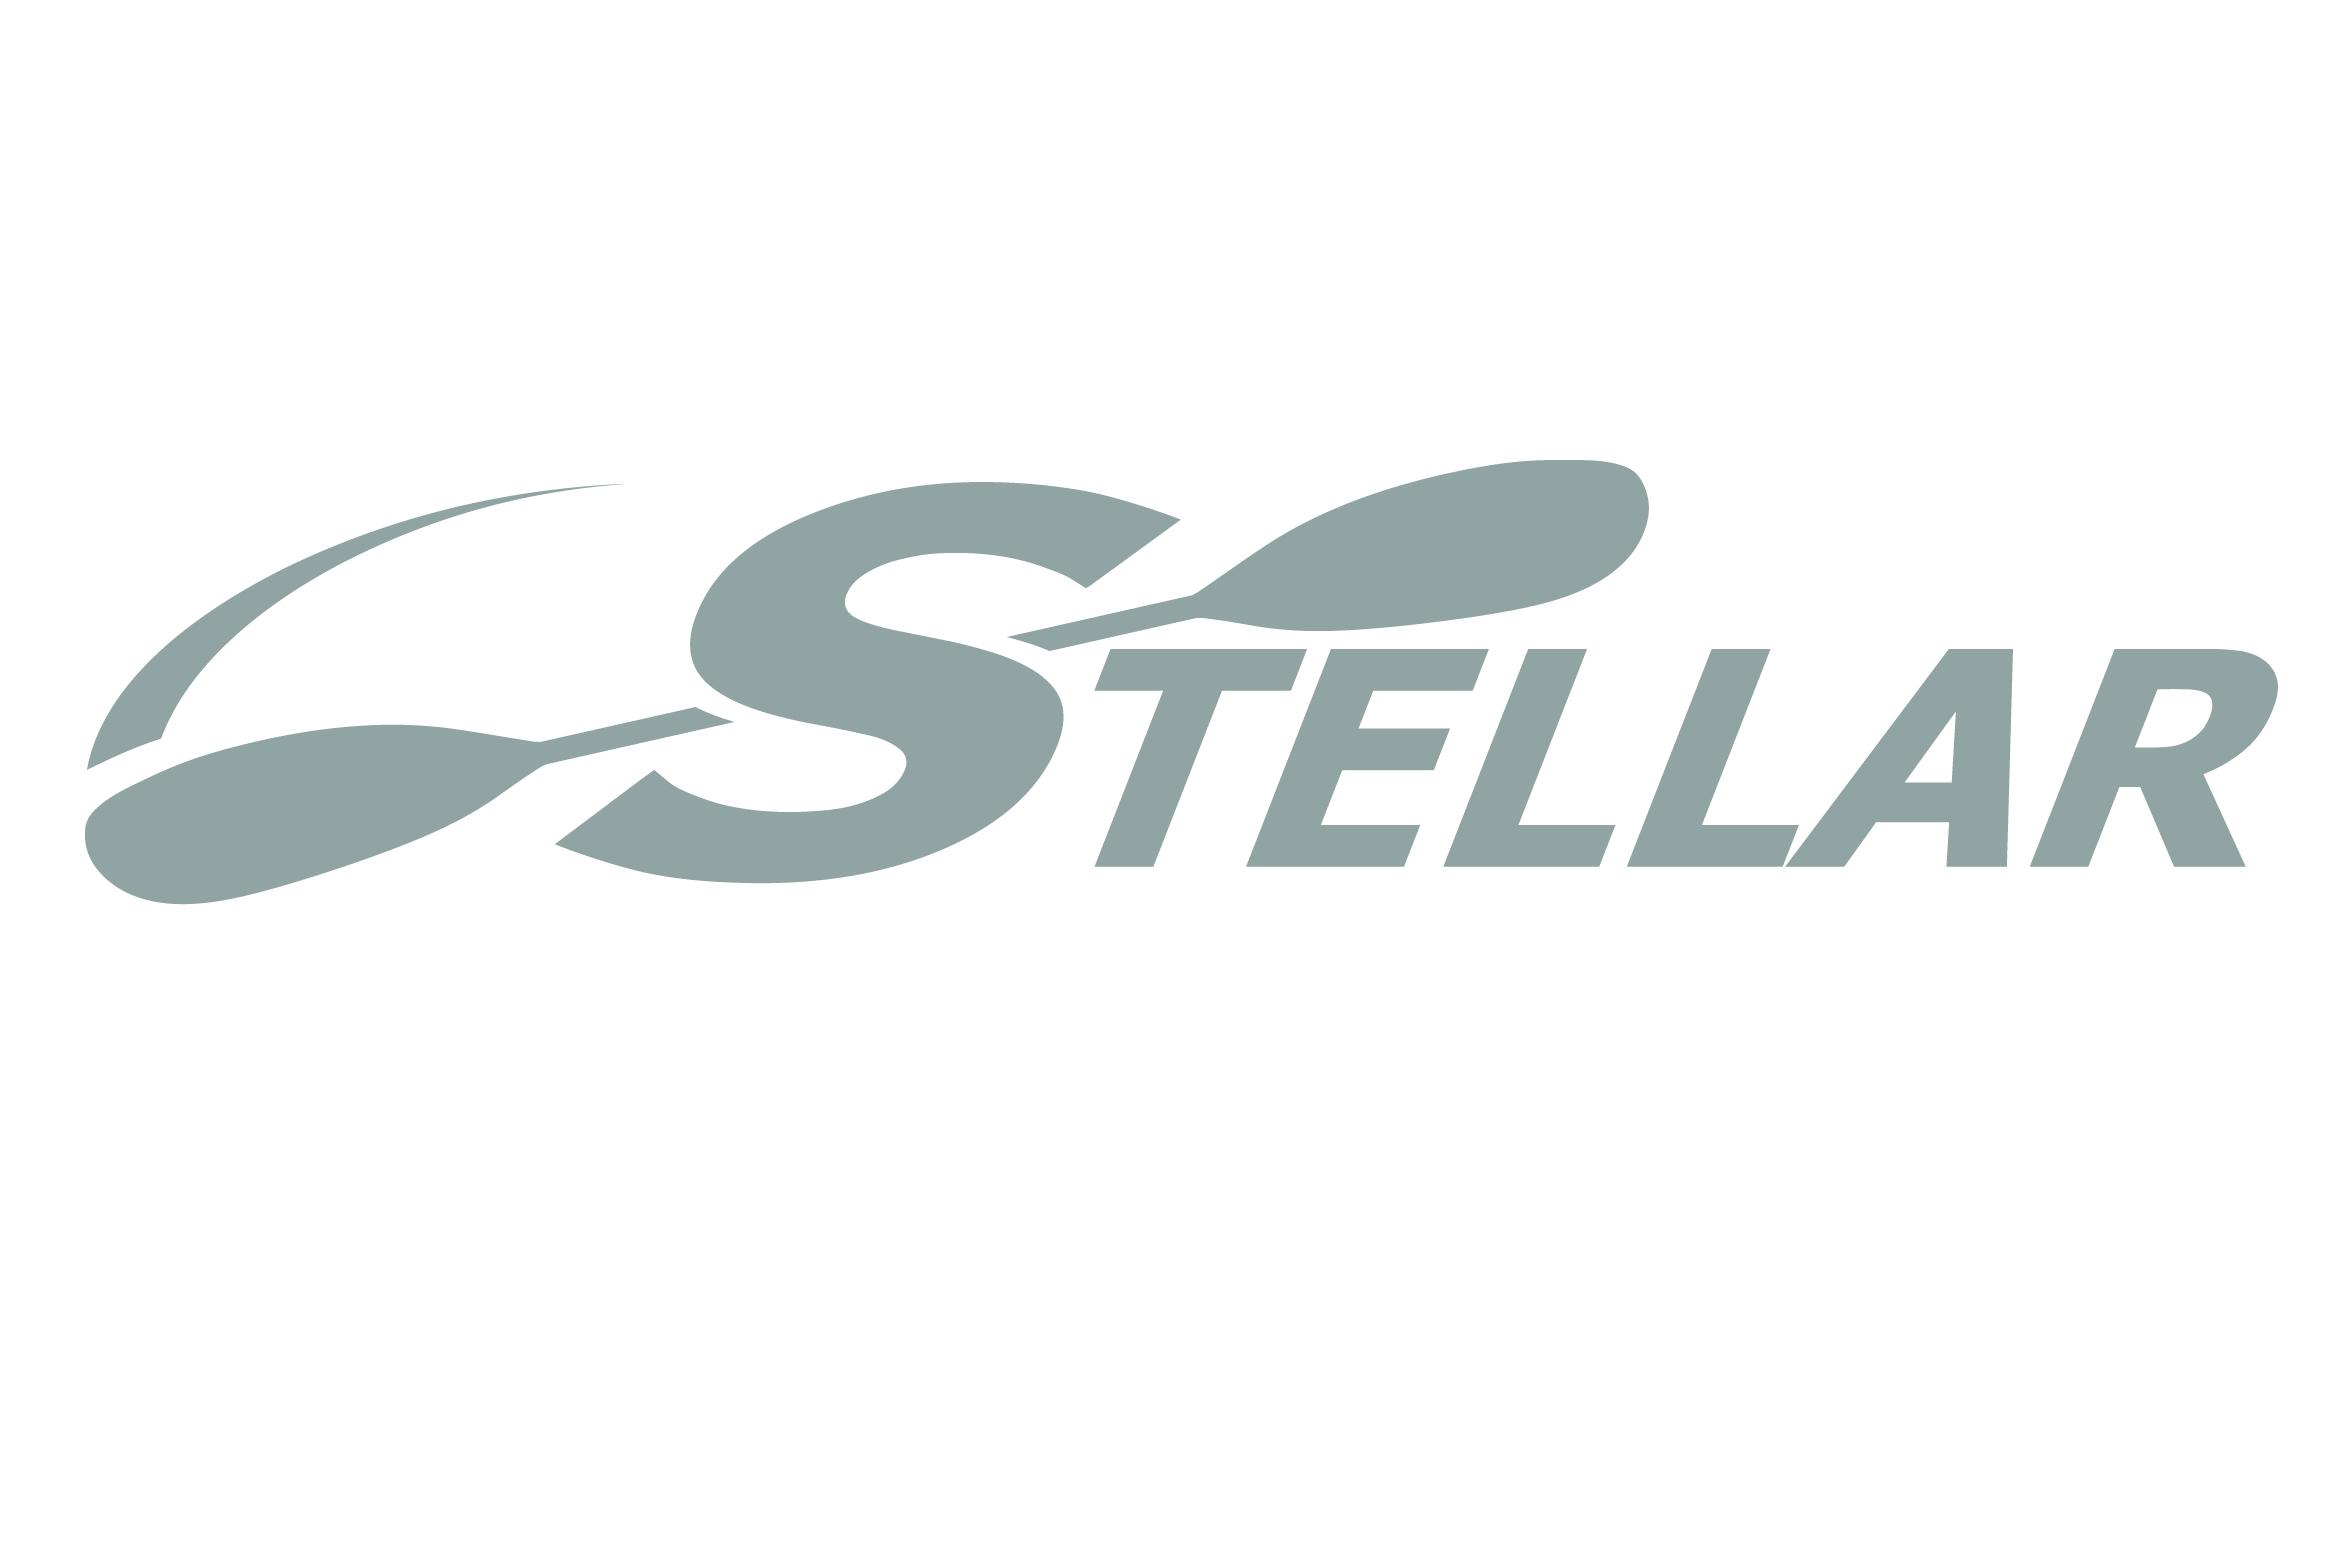 Stellar Decal Silver